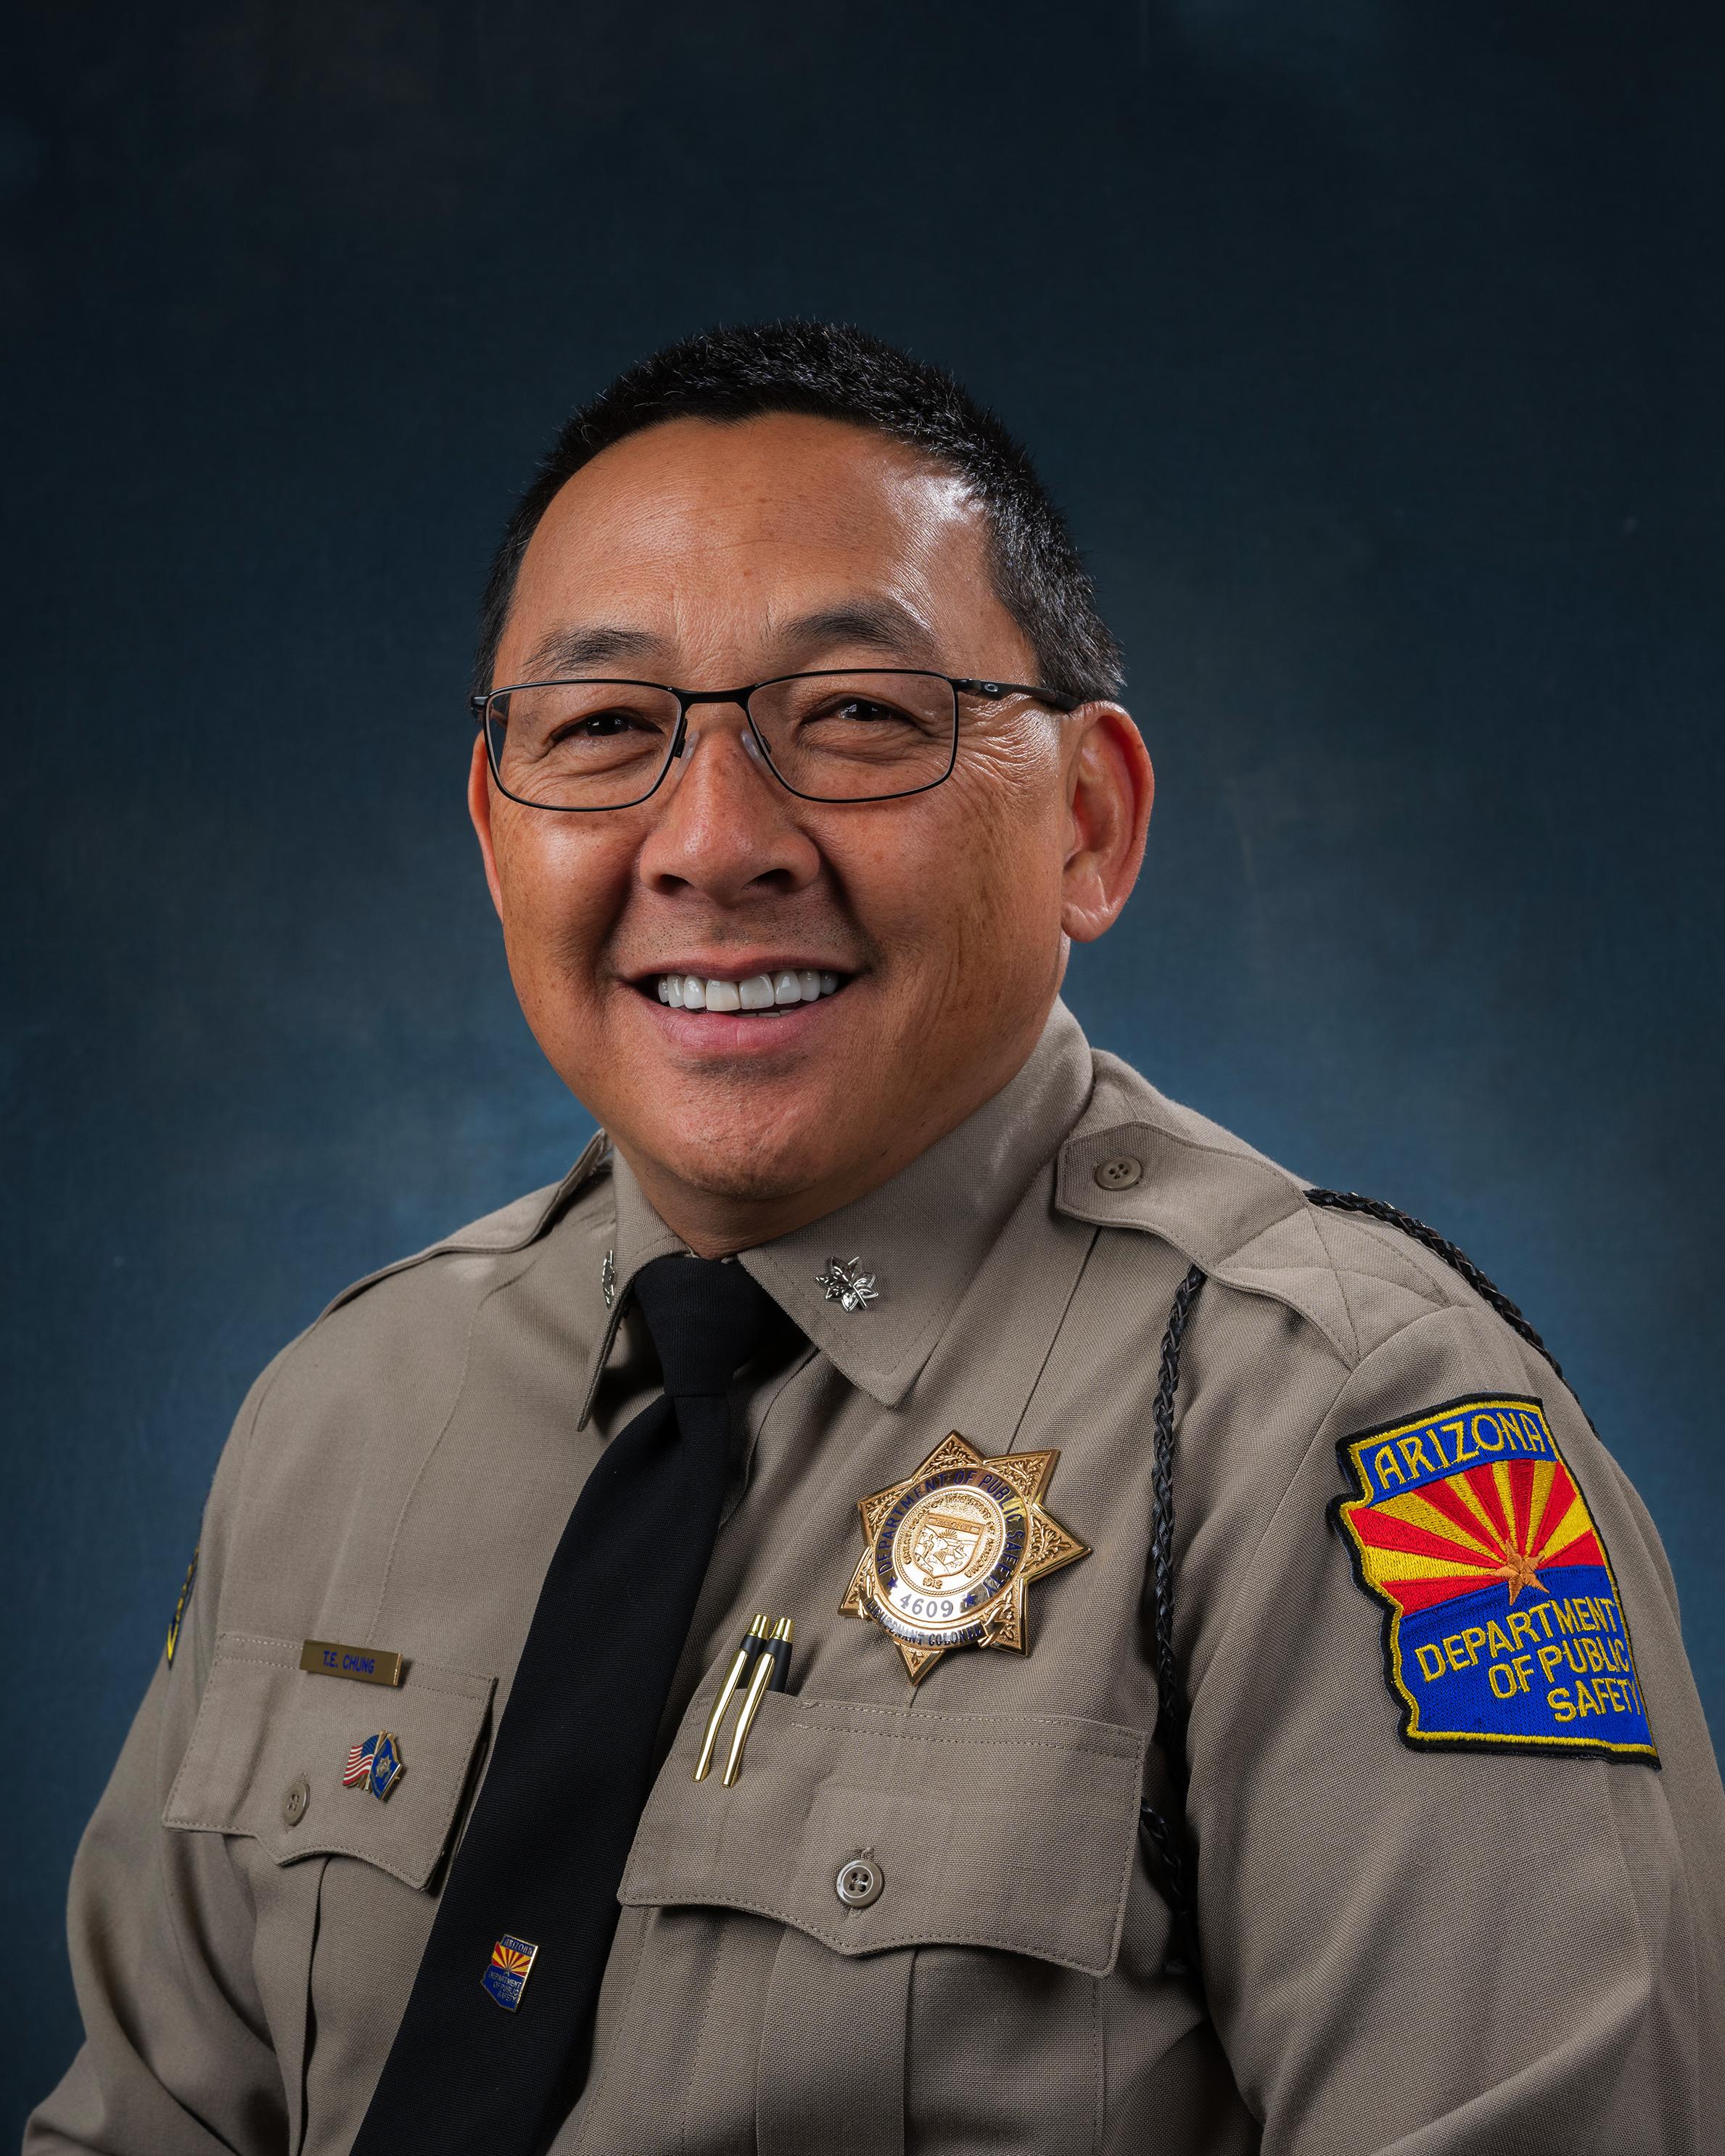 Lt. Col. Chung Portrait